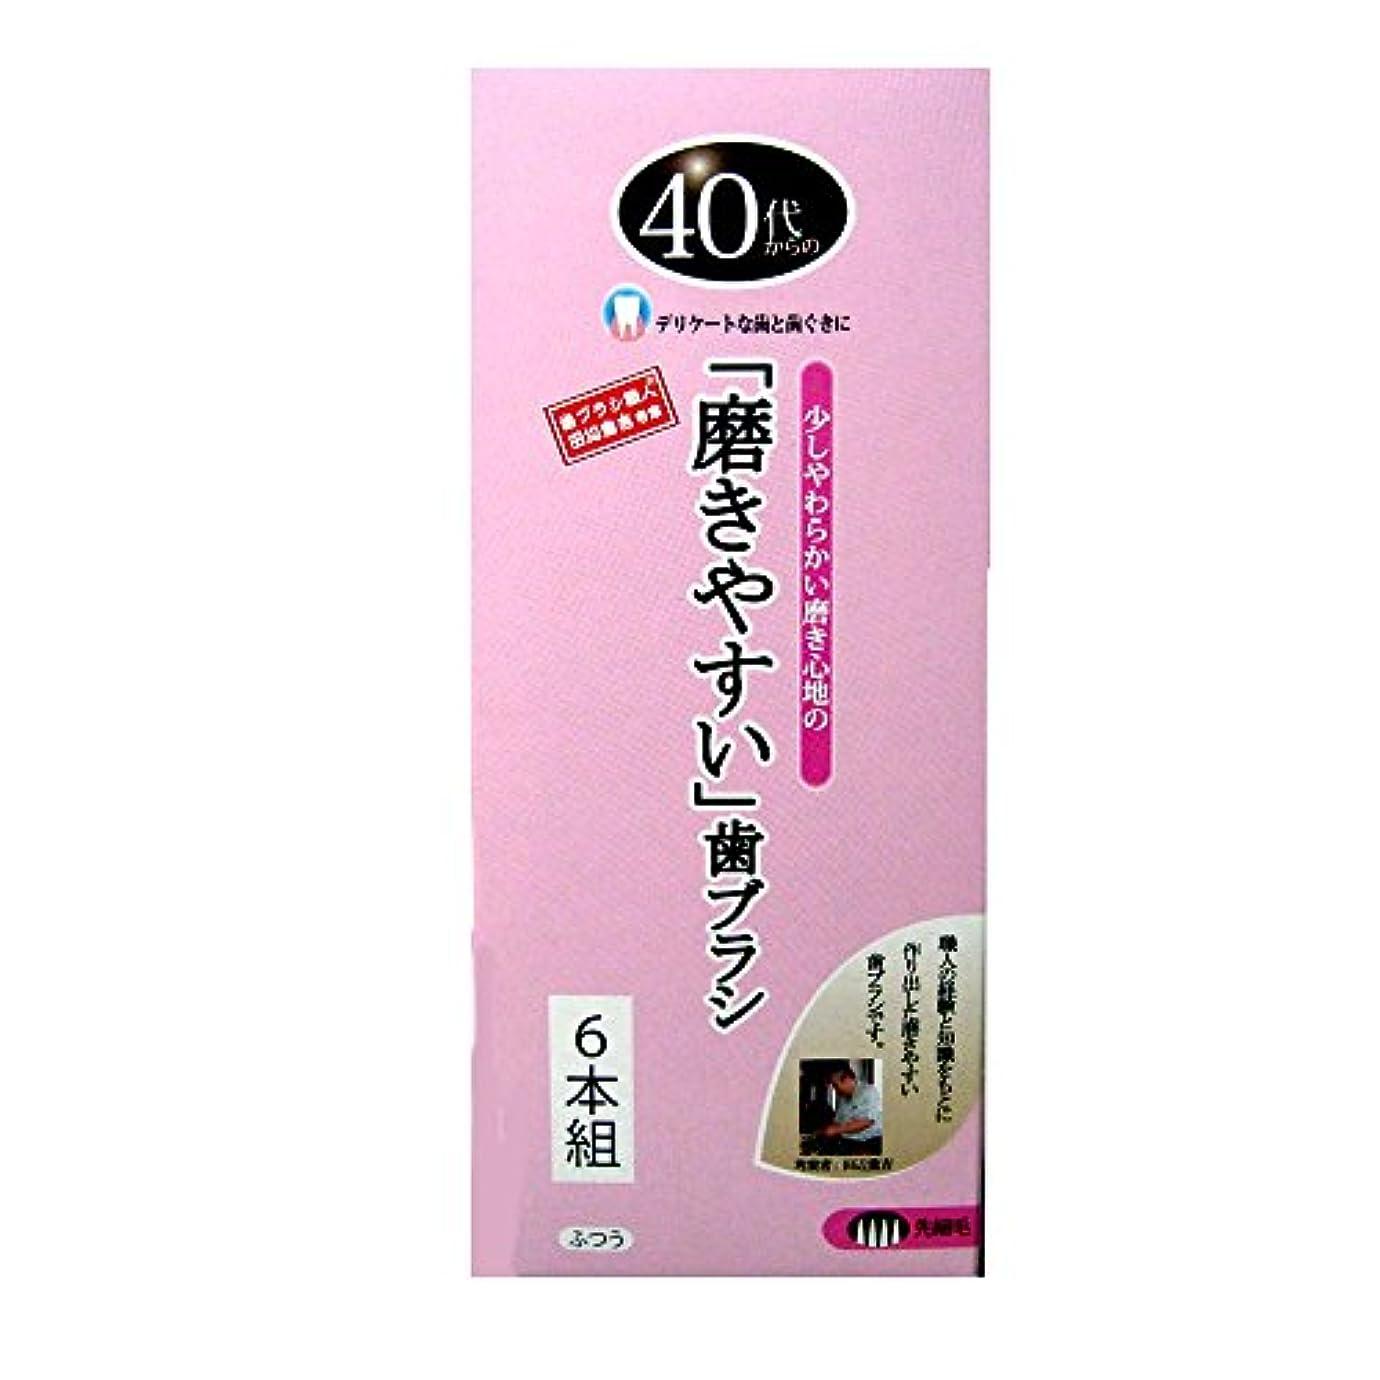 形成おじさんに賛成ライフレンジ 磨きやすい歯ブラシ 40代から ふつう LT-115 6本組 4560292169909